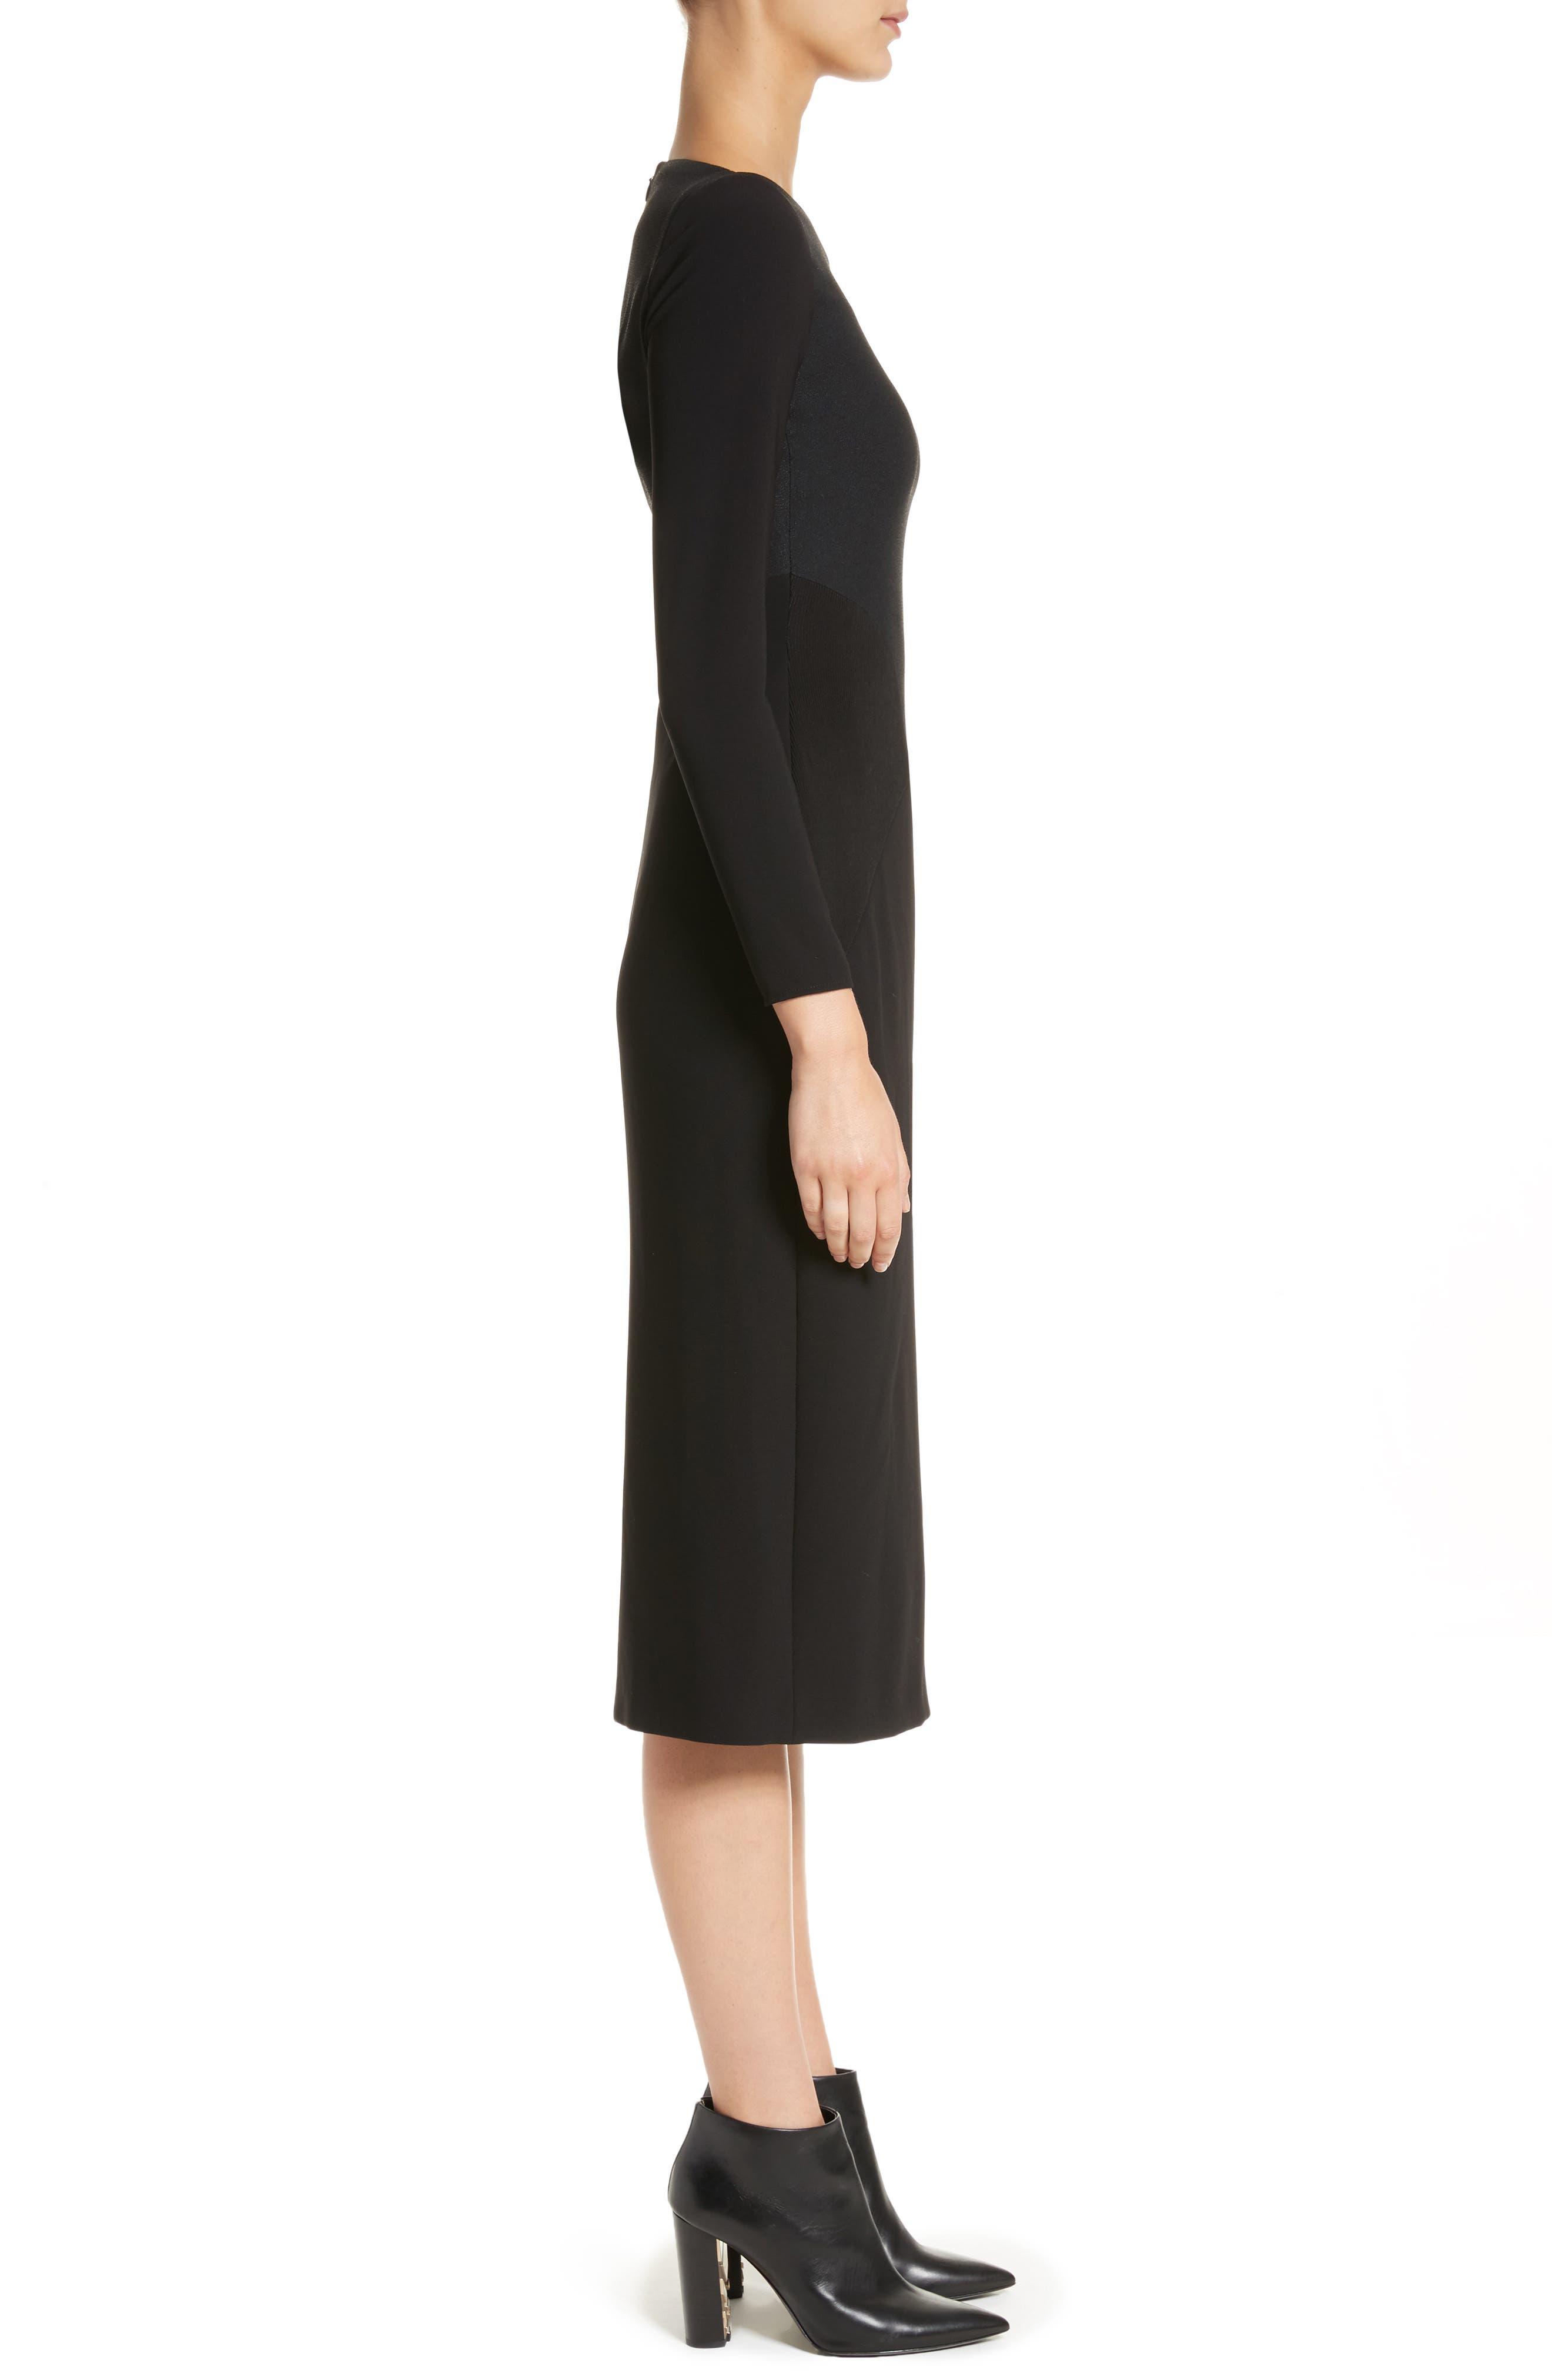 Fabiana Slash Neck Panel Dress,                             Alternate thumbnail 3, color,                             001